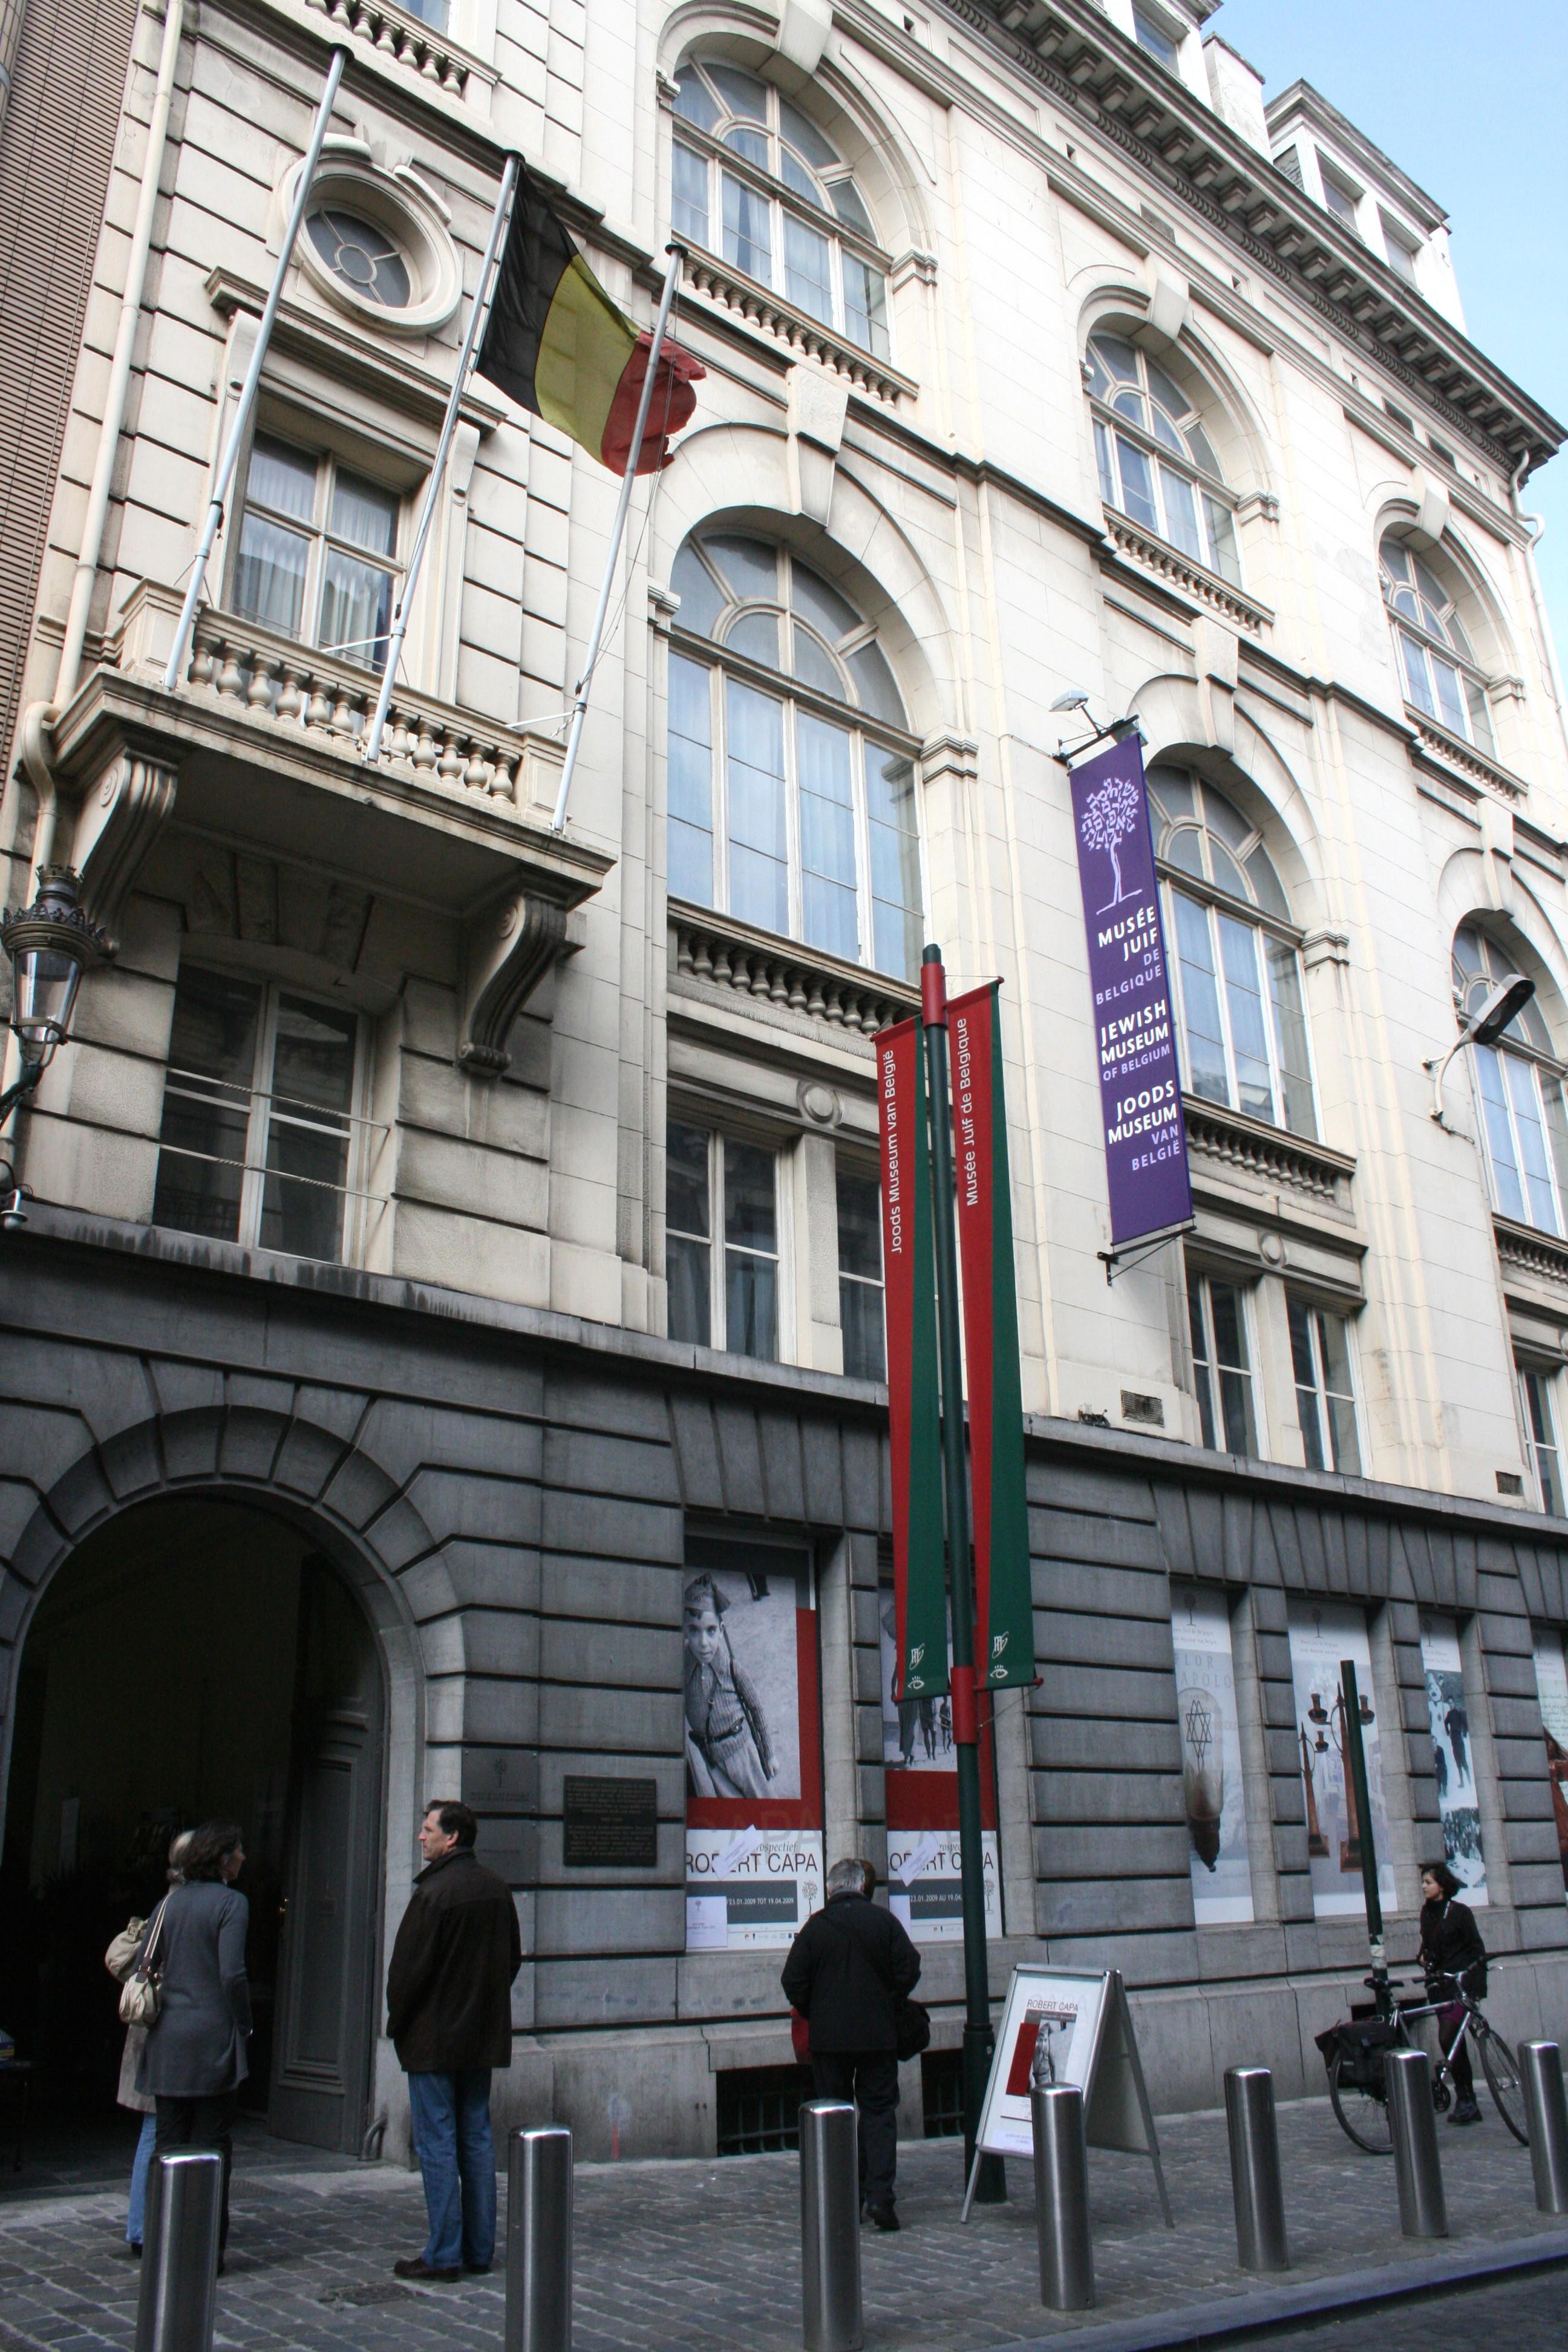 Jewish Museum of Belgium shooting - Wikipedia